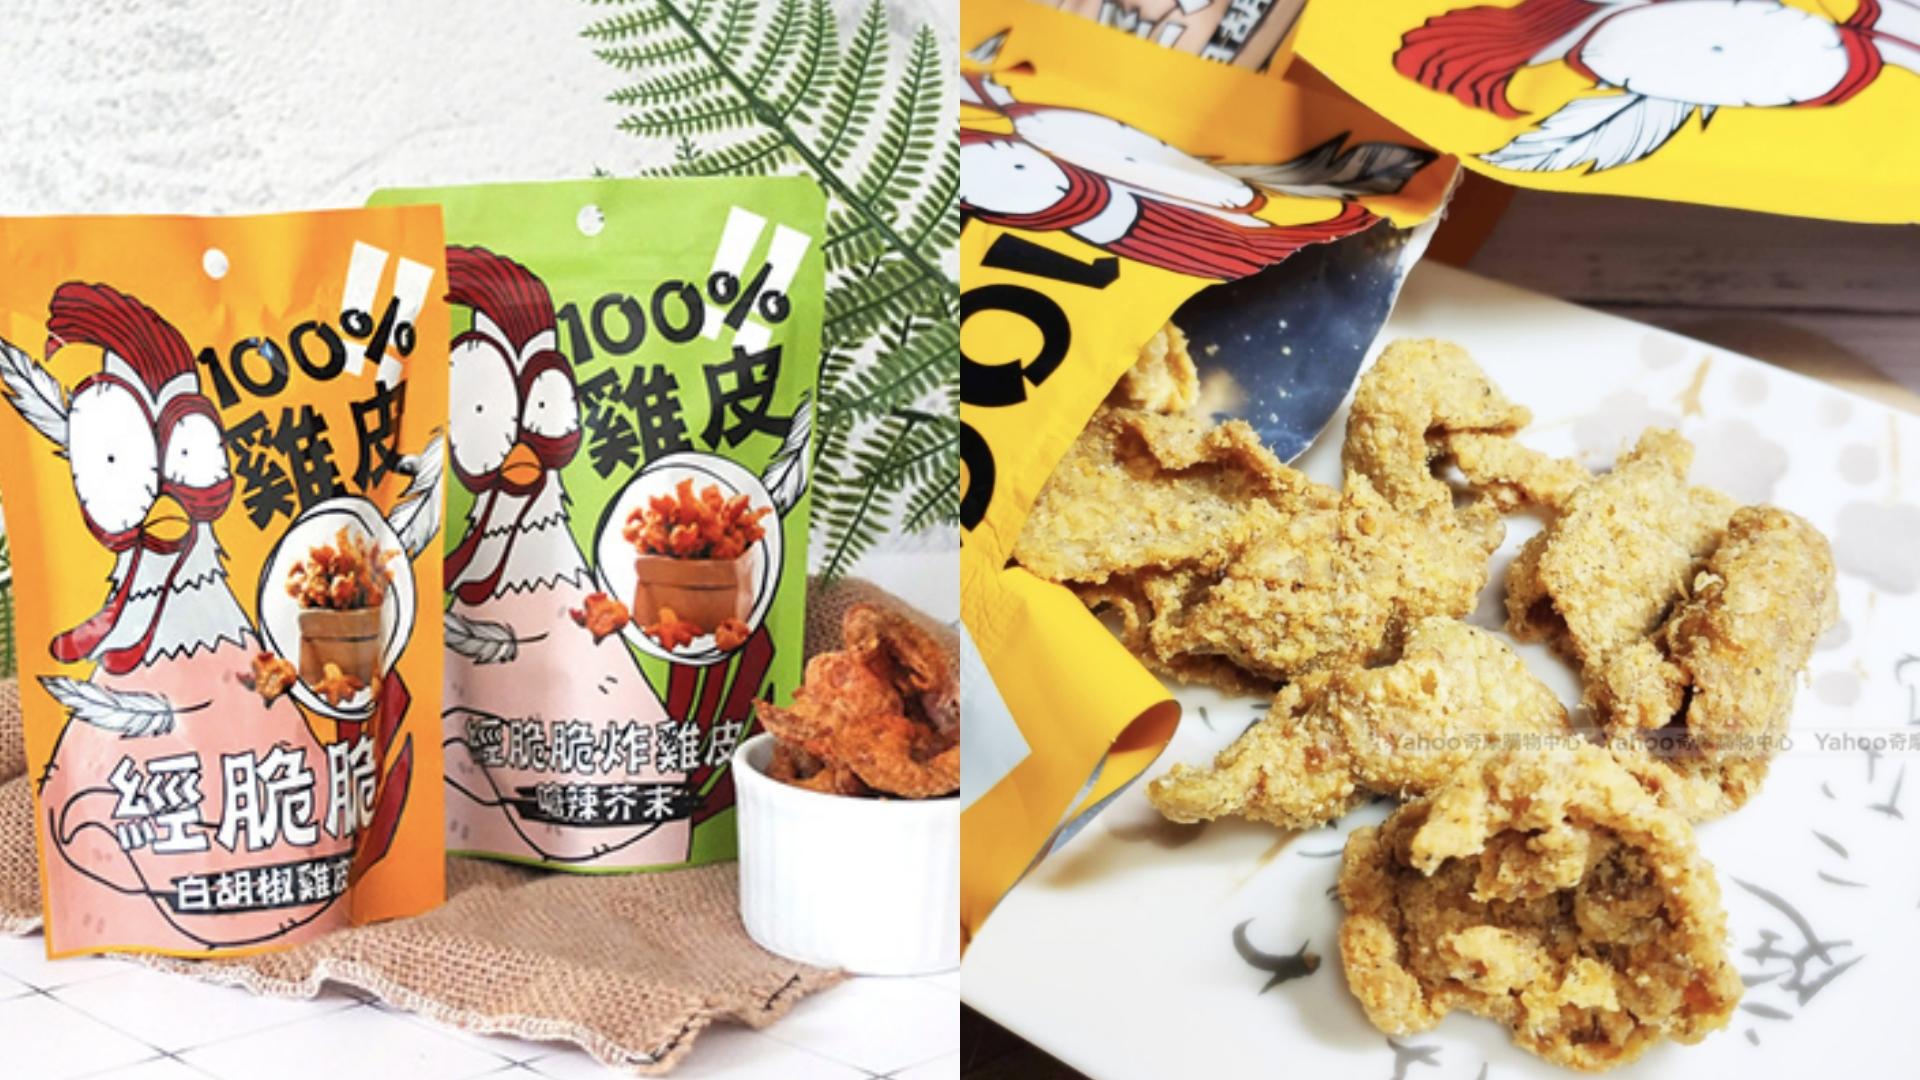 包含白胡椒雞皮餅乾與芥末口味的雞皮餅乾。一推出廣受國內外饕客歡迎,如今已銷售超過百萬包佳績,而且一包的碳水化合物低於10g